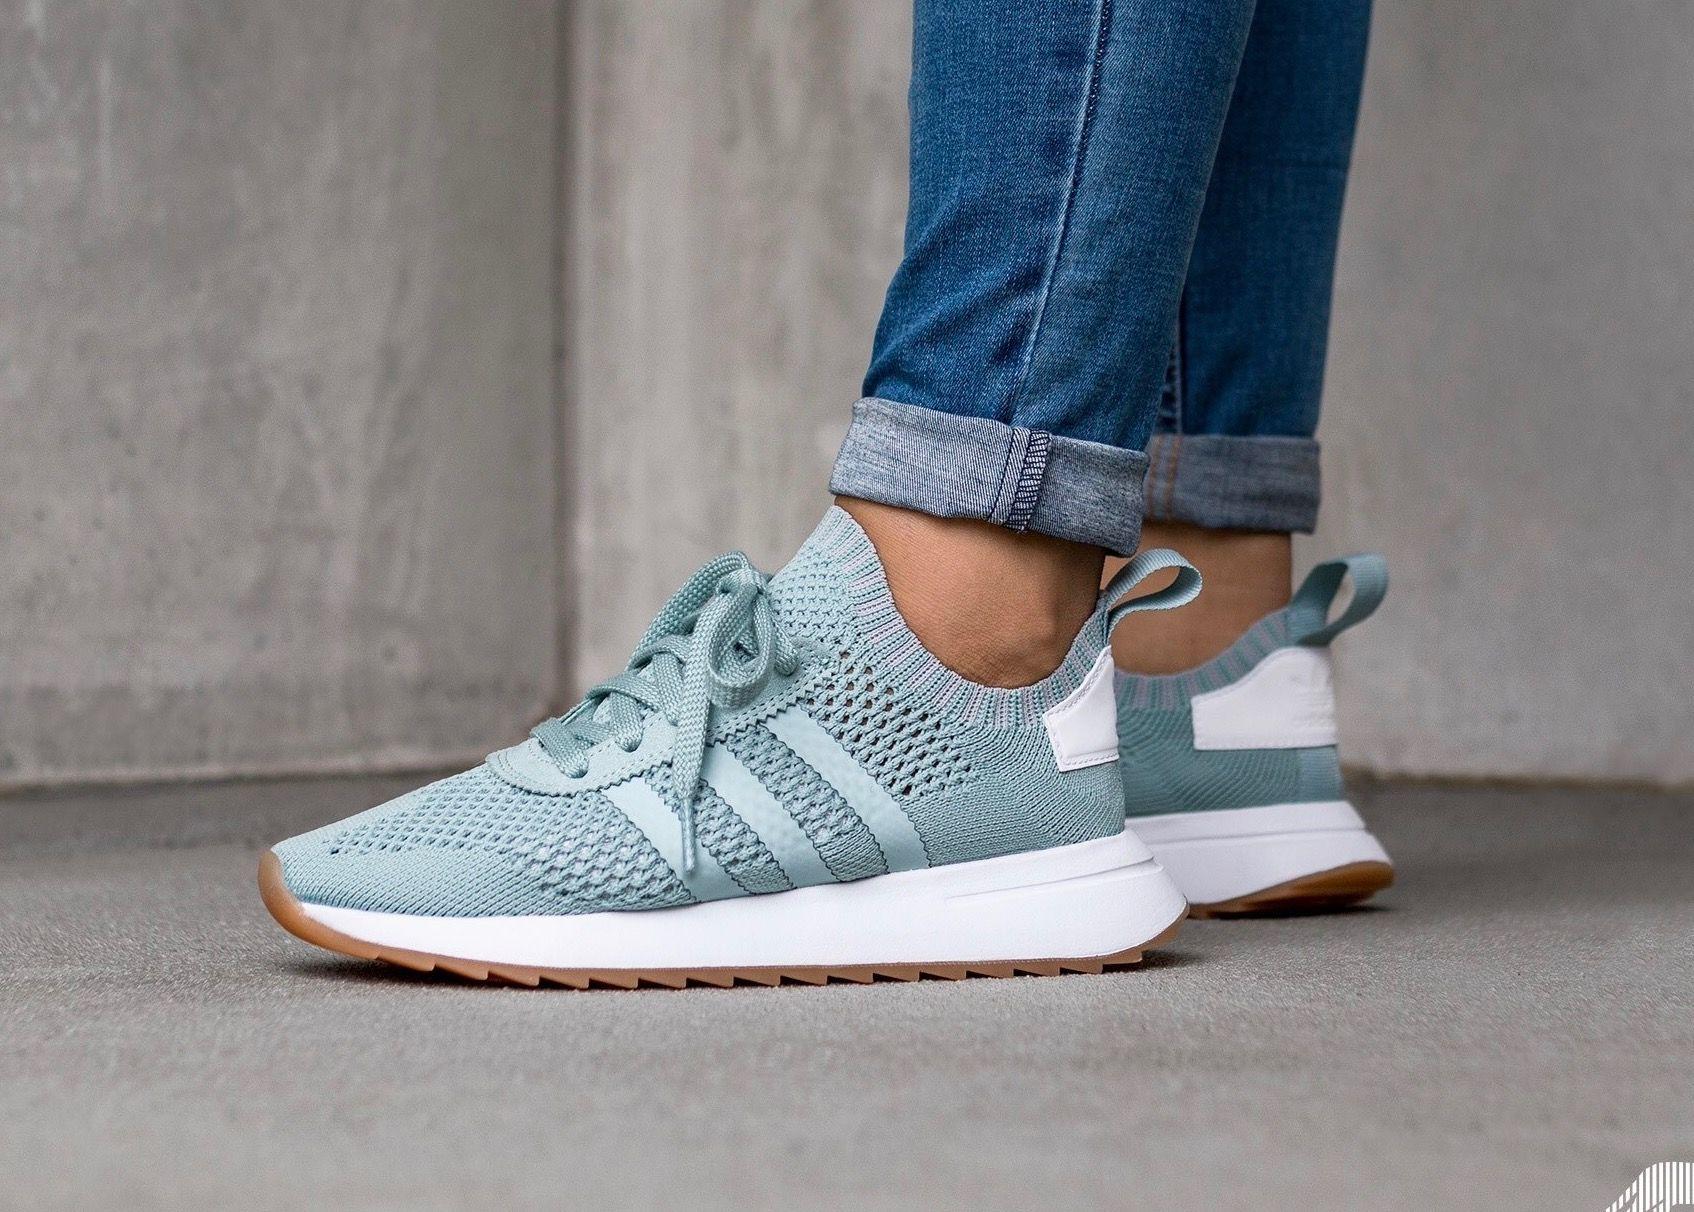 Flashback PrimeknitStyle Sneakers Adidas Originals ybf7Y6g